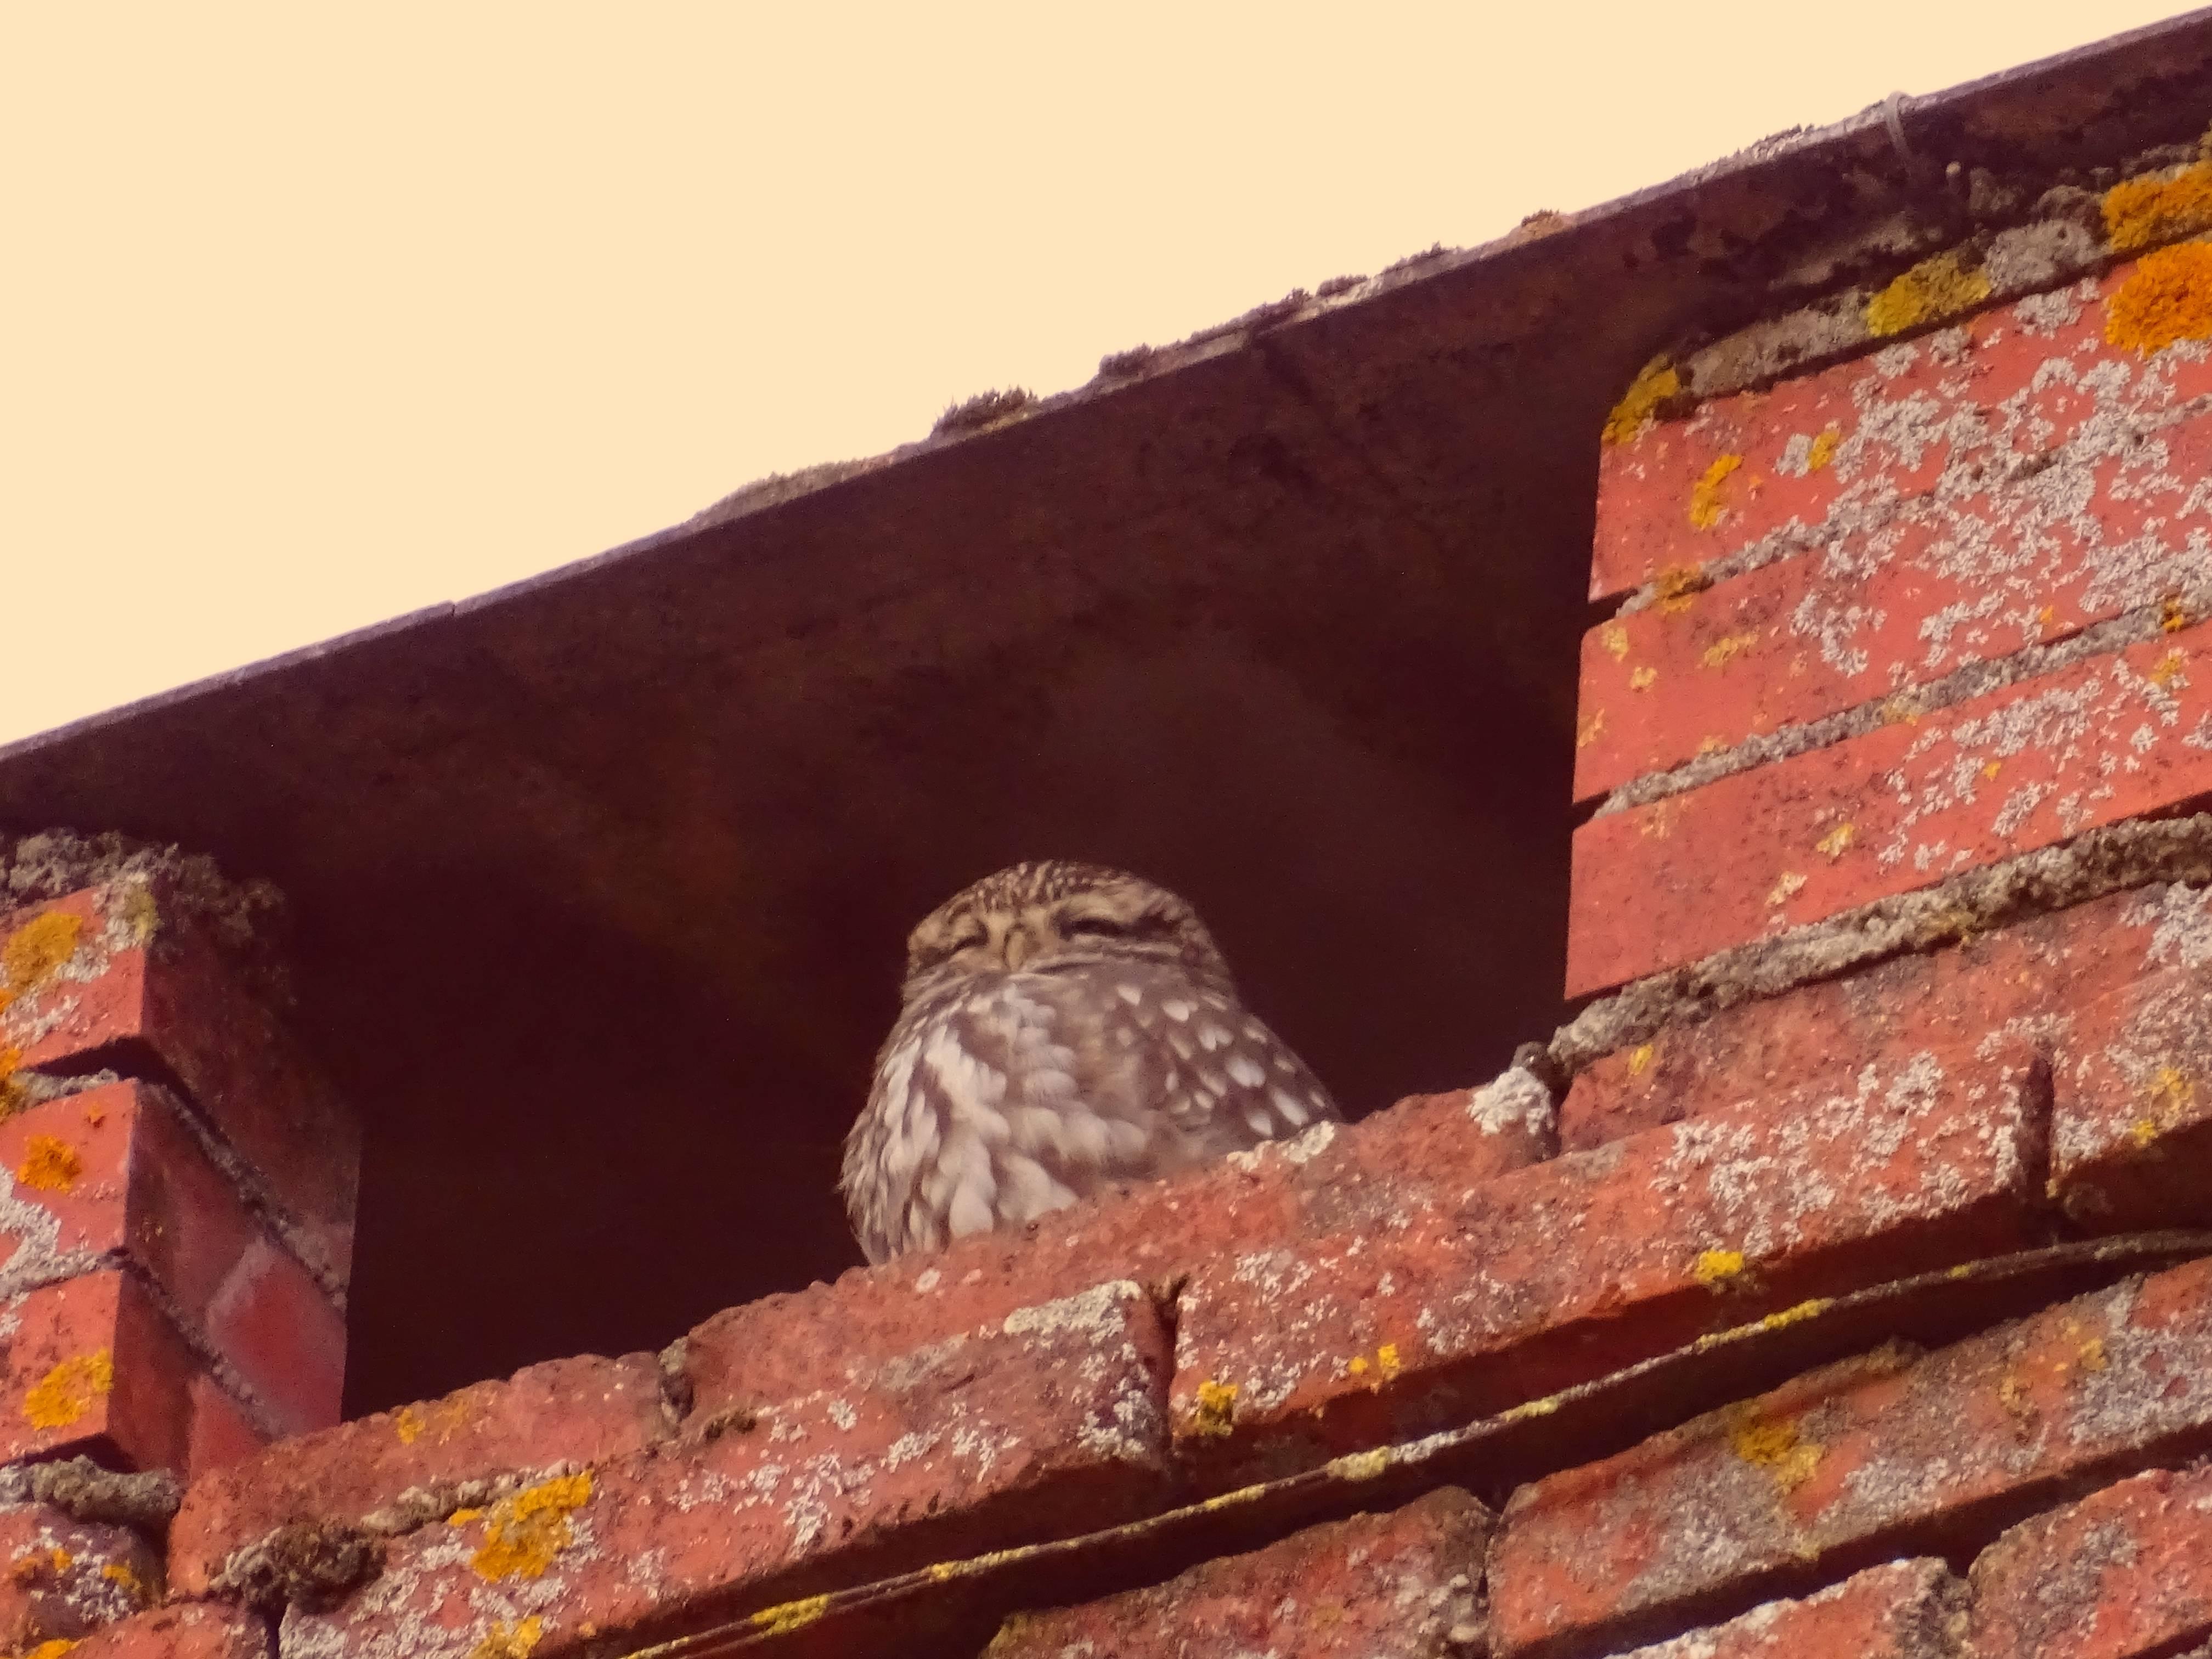 Une chouette nichant dans notre cheminée